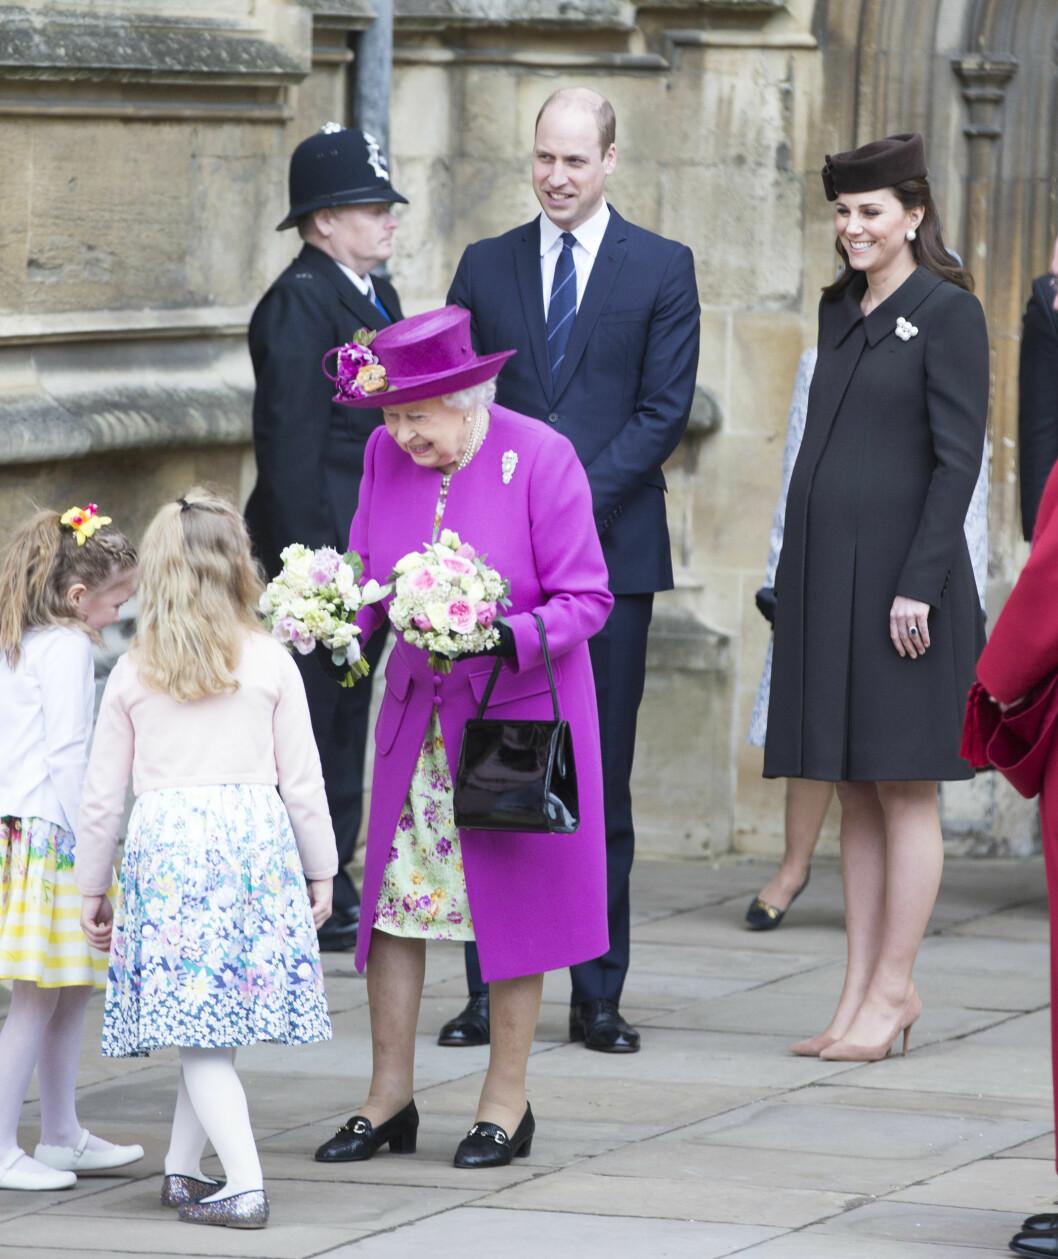 PÅSKEGUDSTJENESTE: Hertuginne Kate var til stede under 1.påskedagsgudstjenesten i St. George's Chapel på Windsor Castle med hele den britiske kongefamilien. Her tar dronning Elizabeth imot blomster fra to fremmøtte jenter. Foto: NTB Scanpix